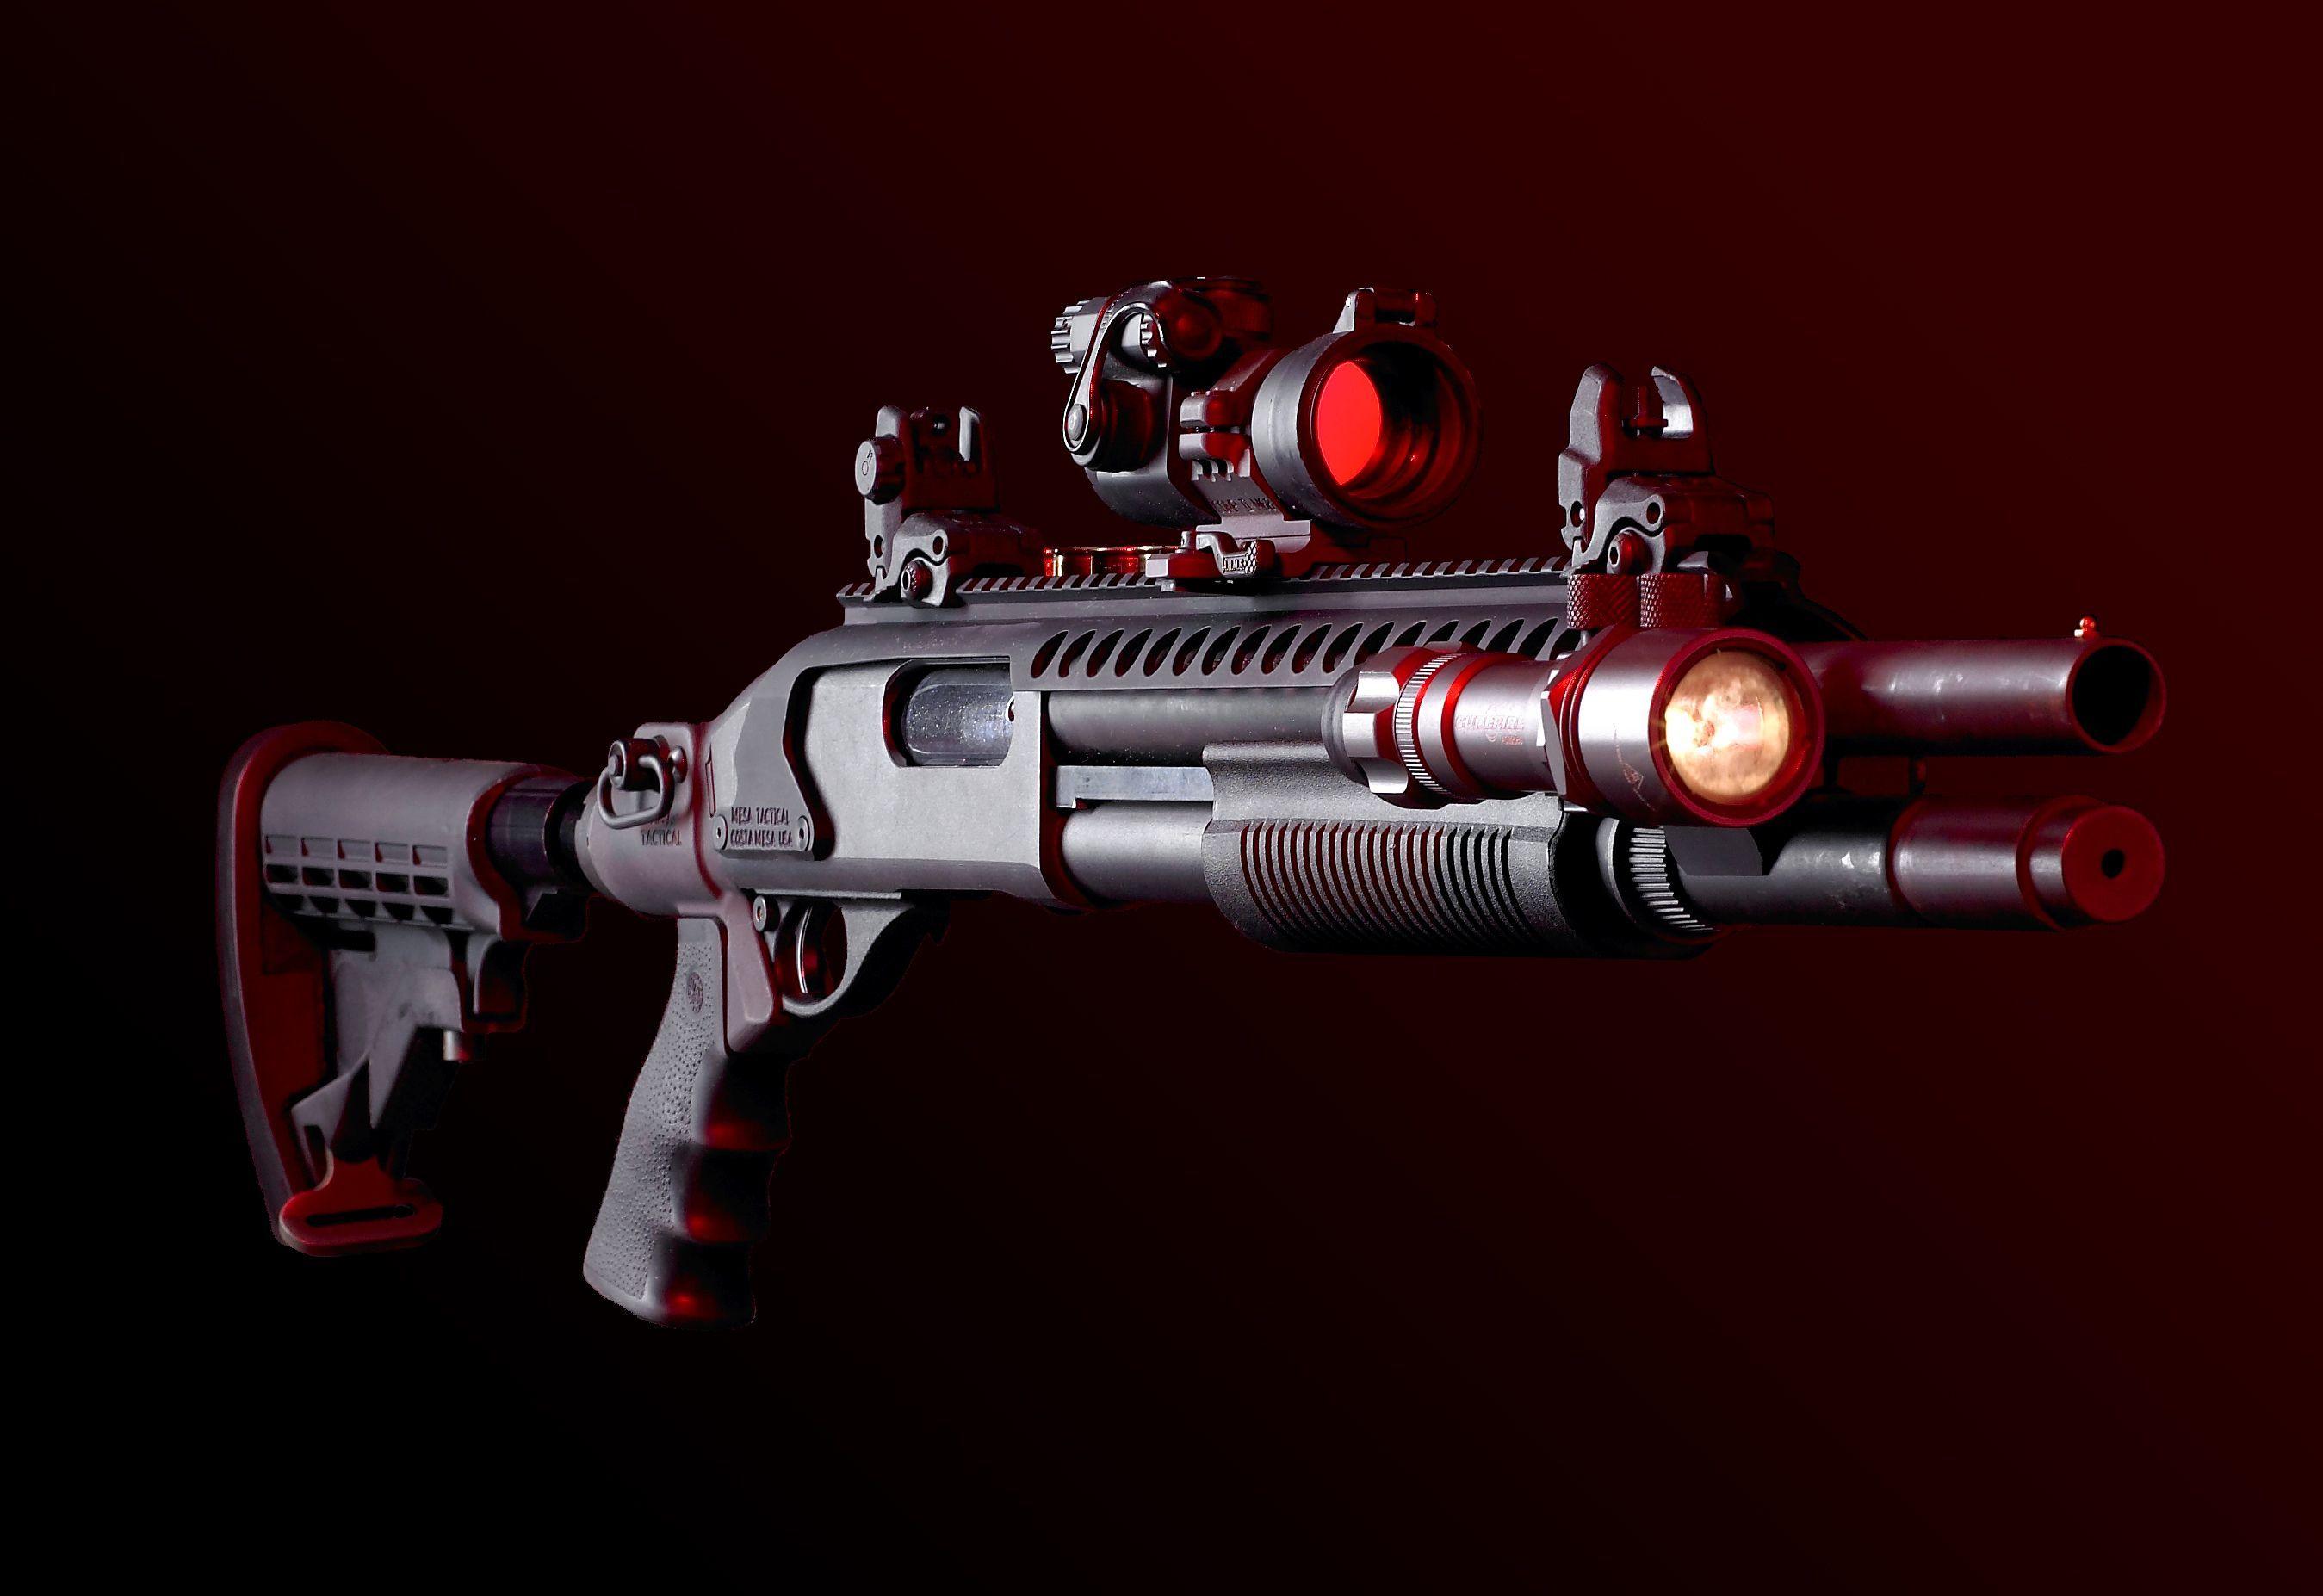 Картинка: Оружие, дробовик, прицел, фонарик